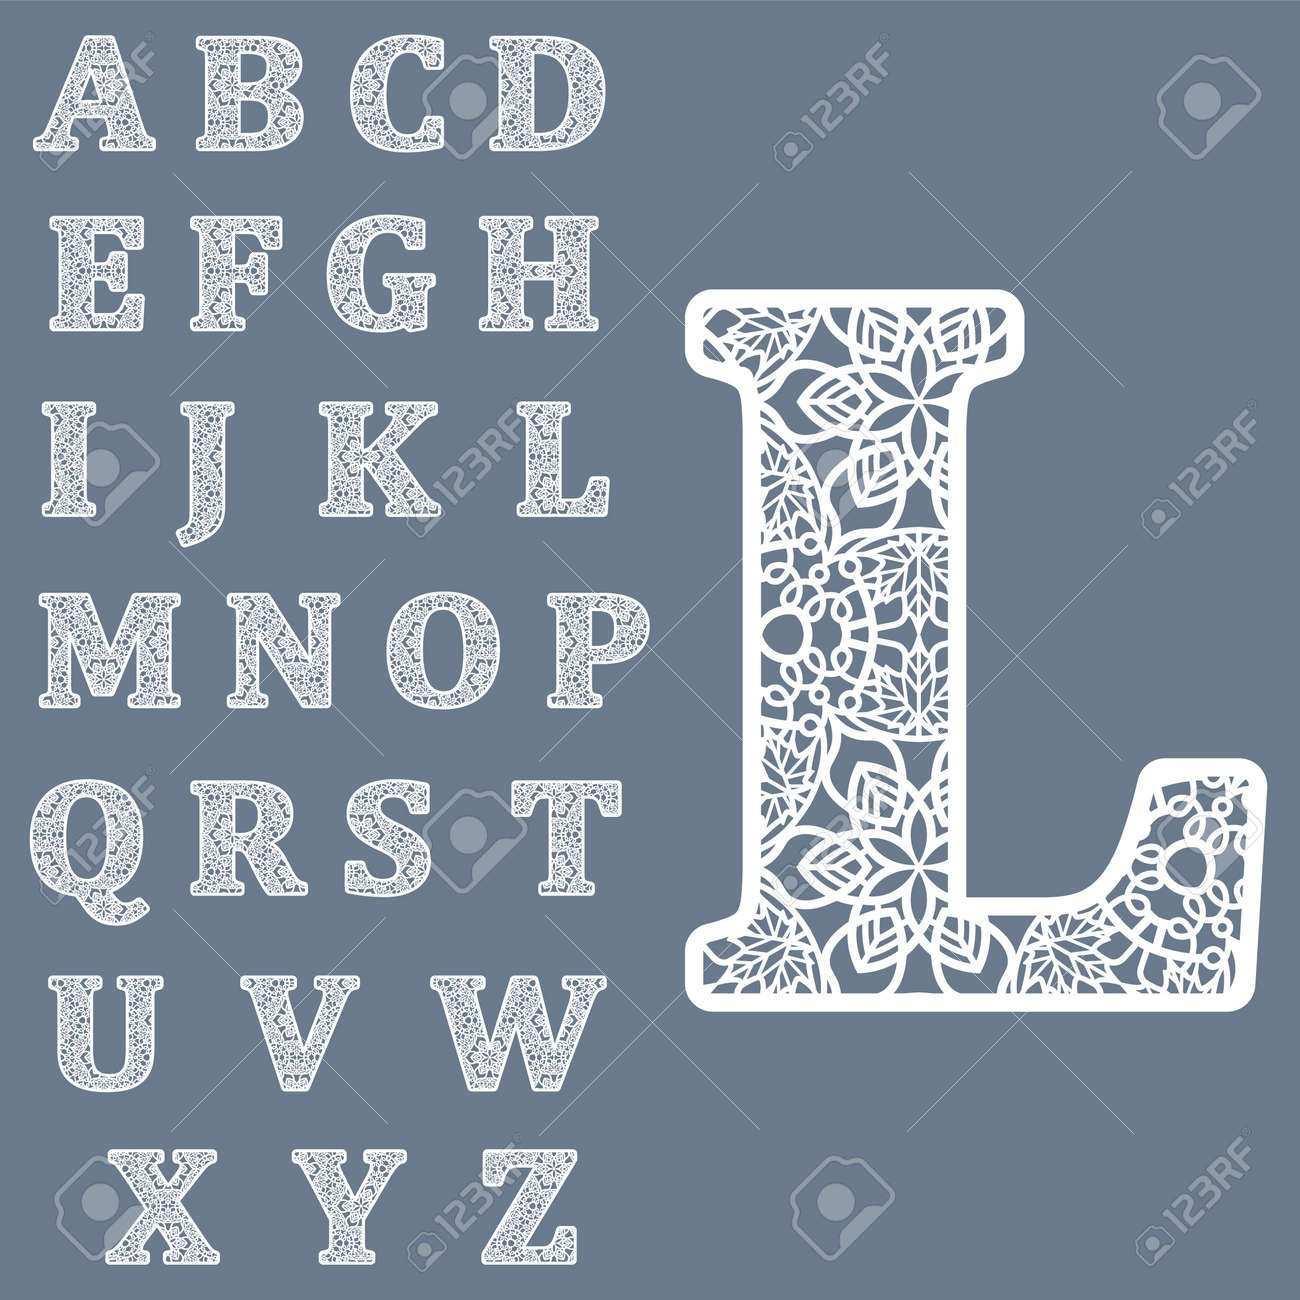 Vorlagen Zum Ausschneiden Von Buchstaben Volles Englisches Alphabet Kann Zum Laserschneiden Verwendet Werden Fancy Spitze Buchstaben Lizenzfrei Nutzbare Vektorgrafiken Clip Arts Illustrationen Image 68092862